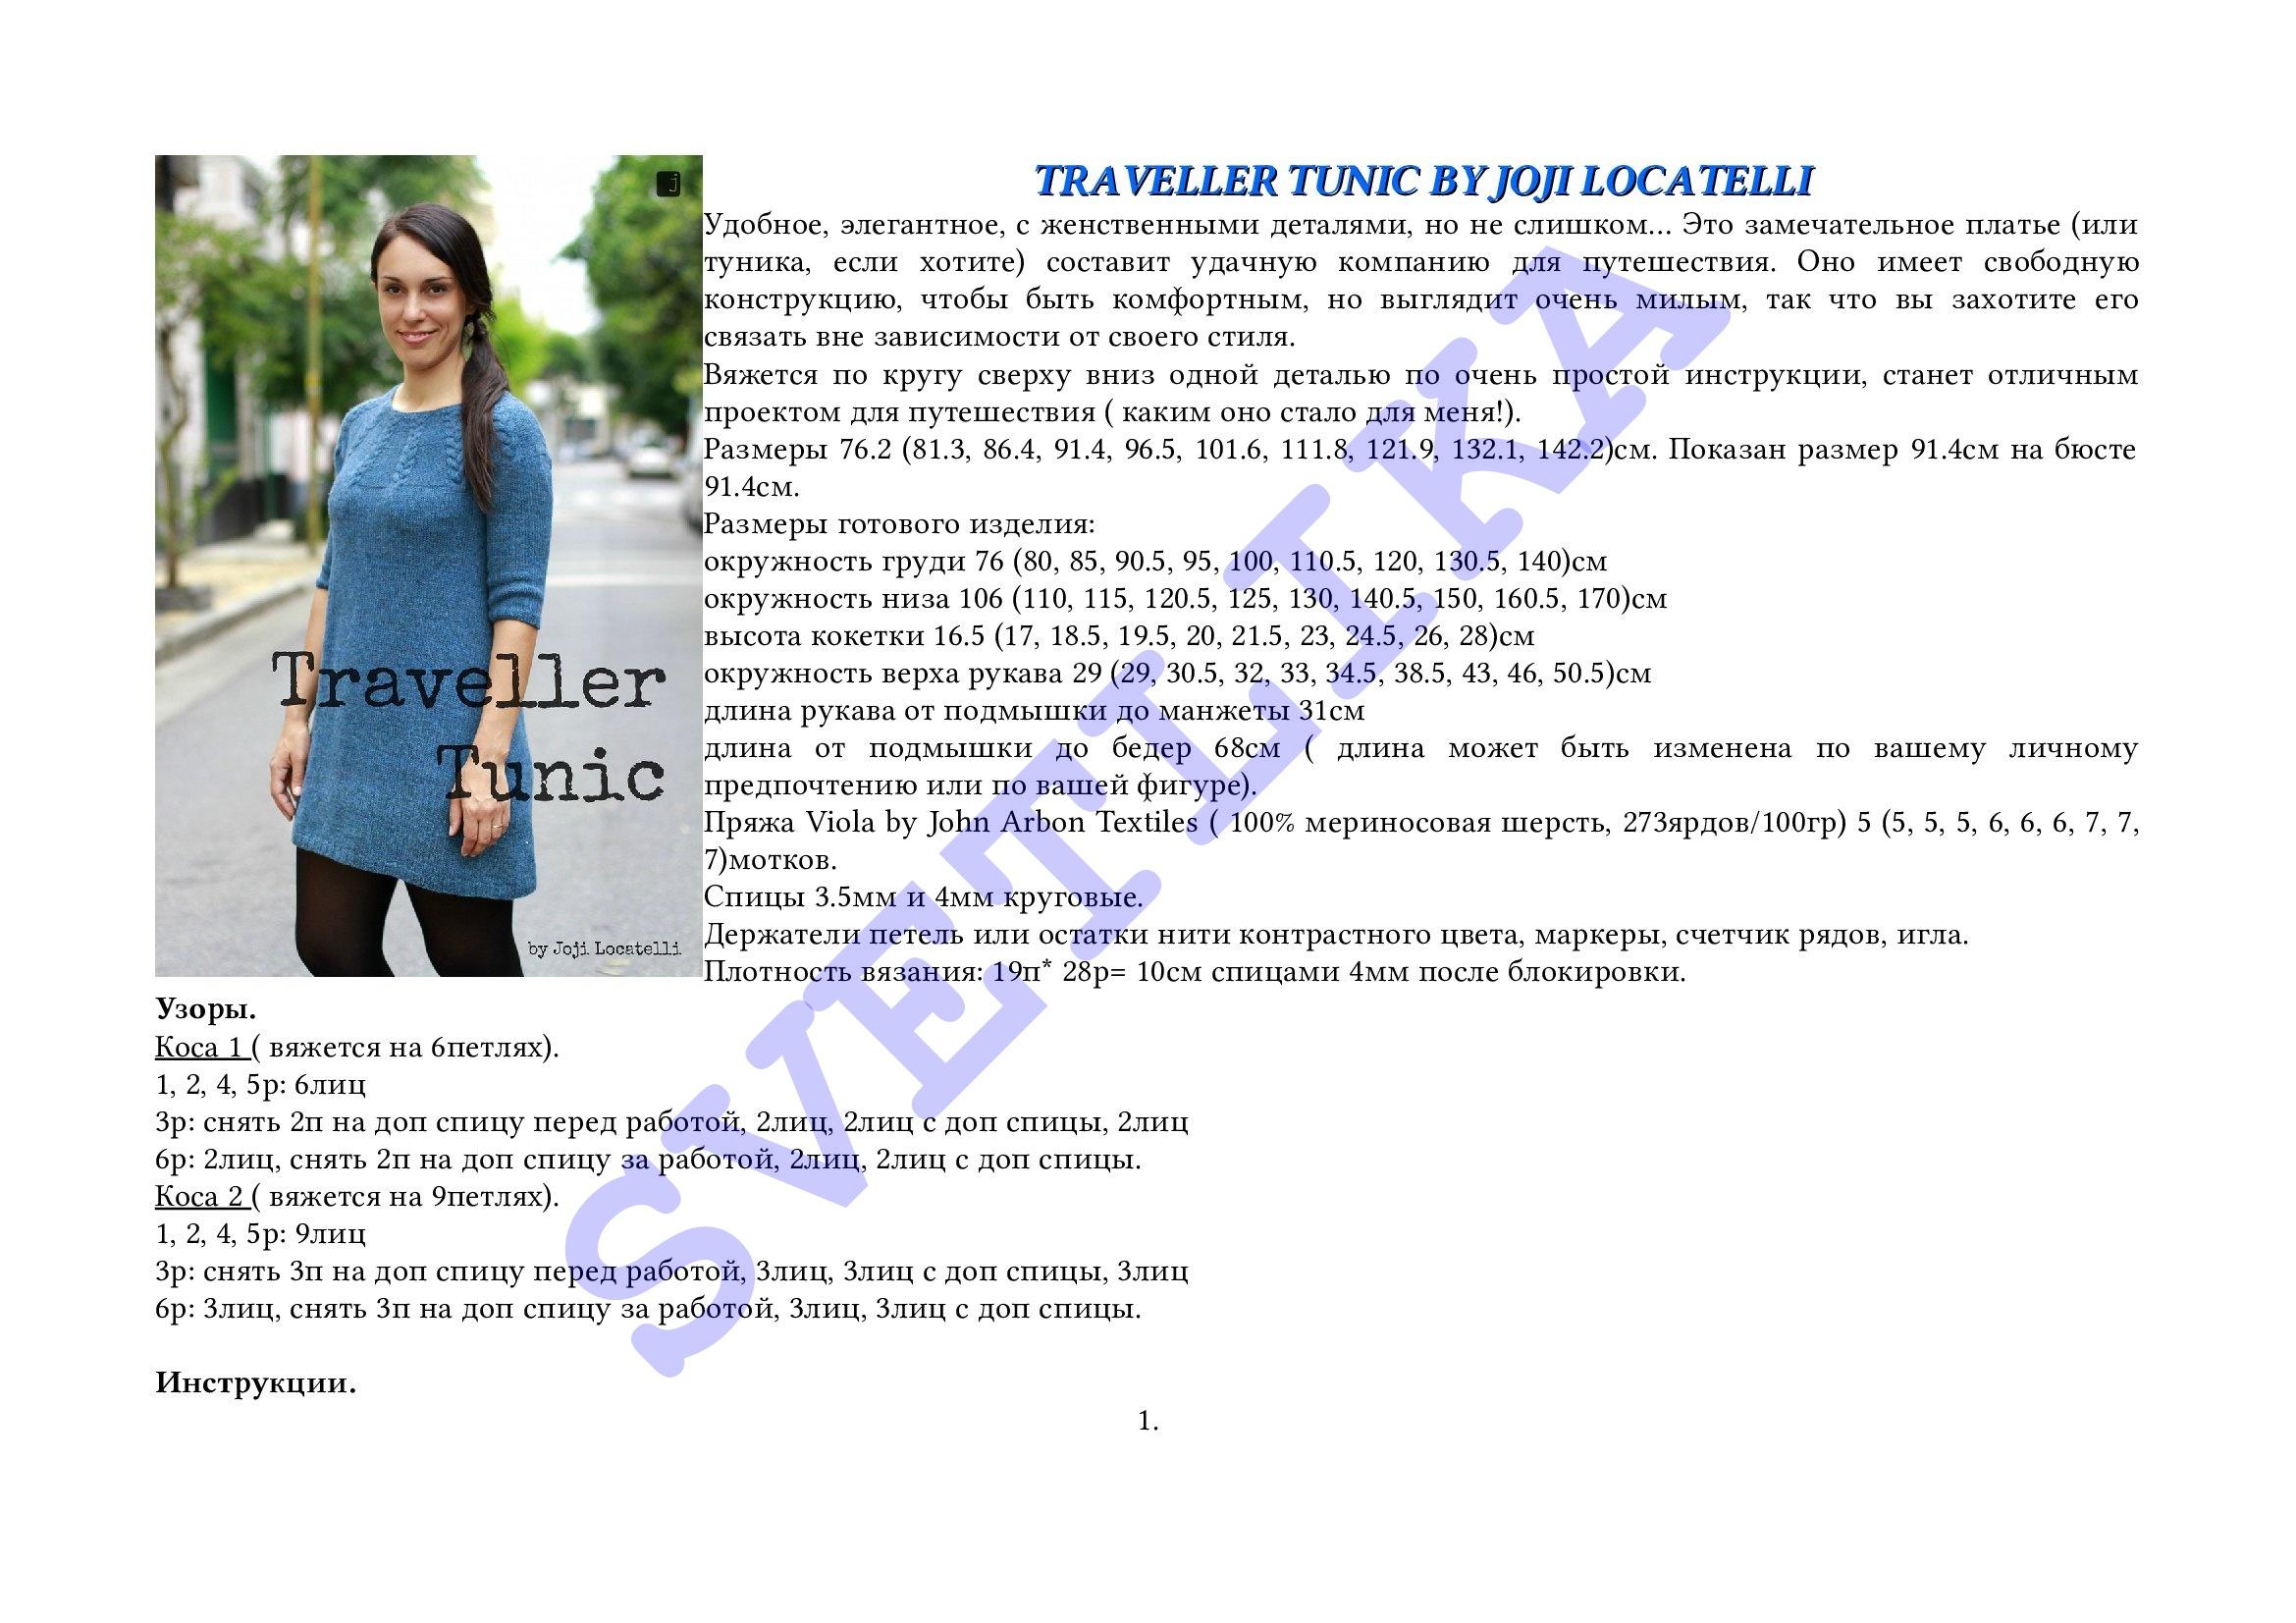 https://img-fotki.yandex.ru/get/3911/125862467.61/0_16e3ba_9dd98c77_orig